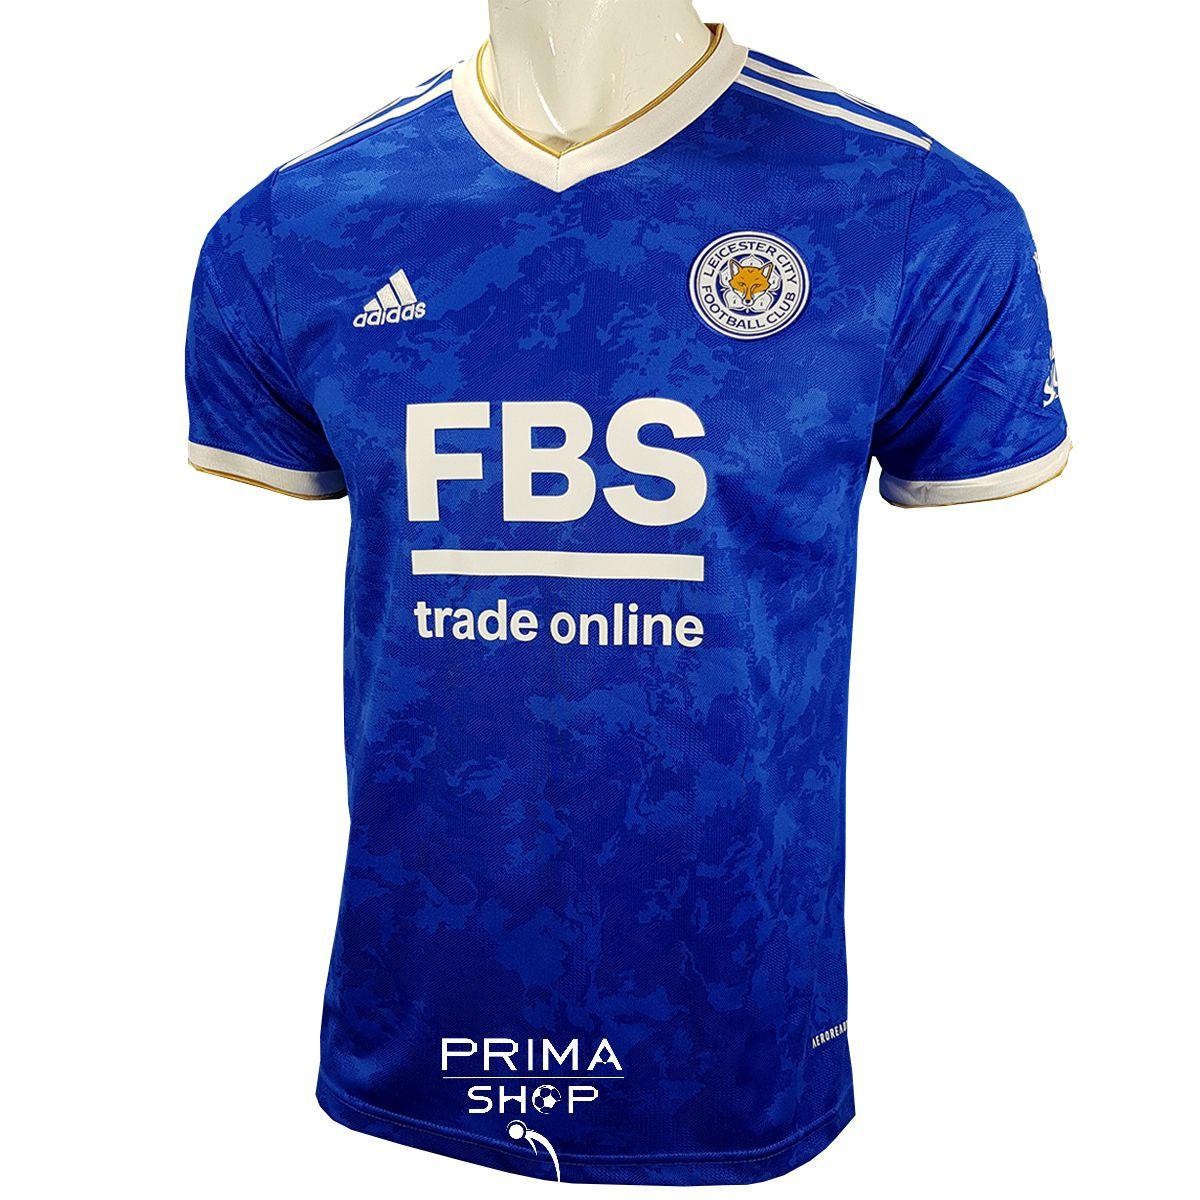 لباس لسترسیتی 2022